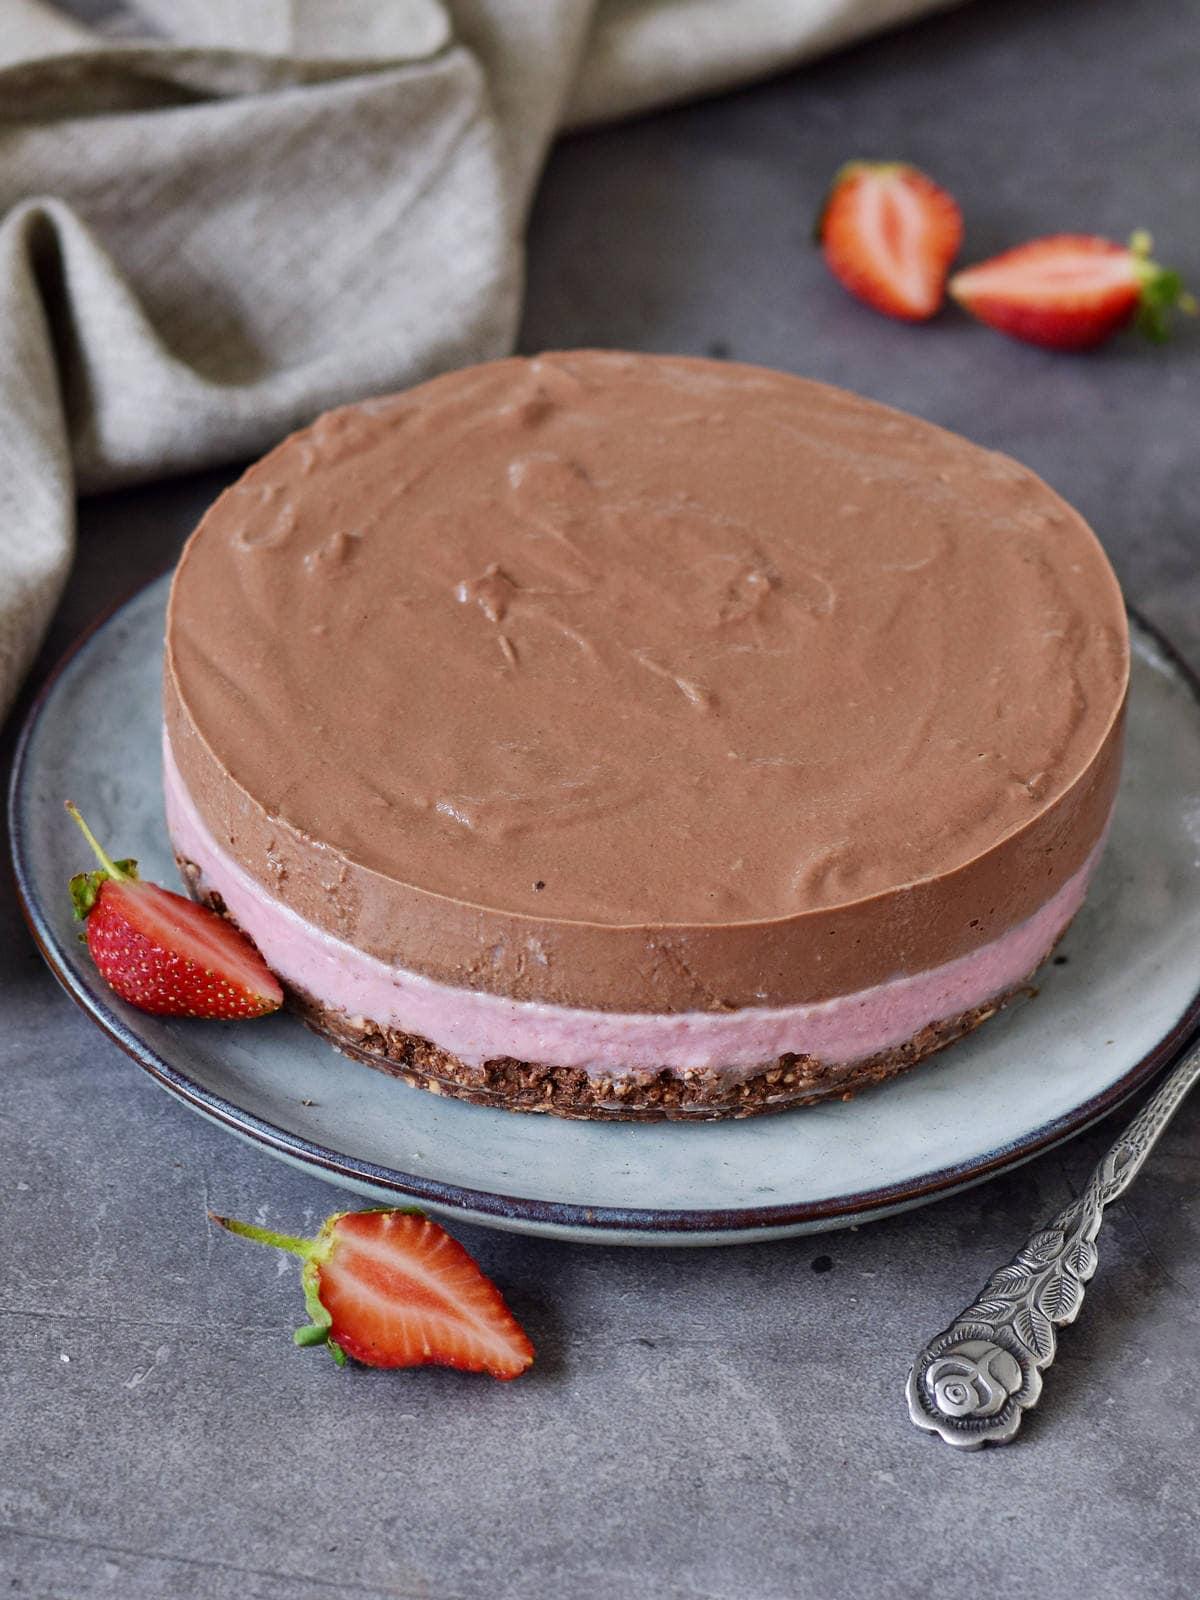 vegan chocolatey cake with strawberries